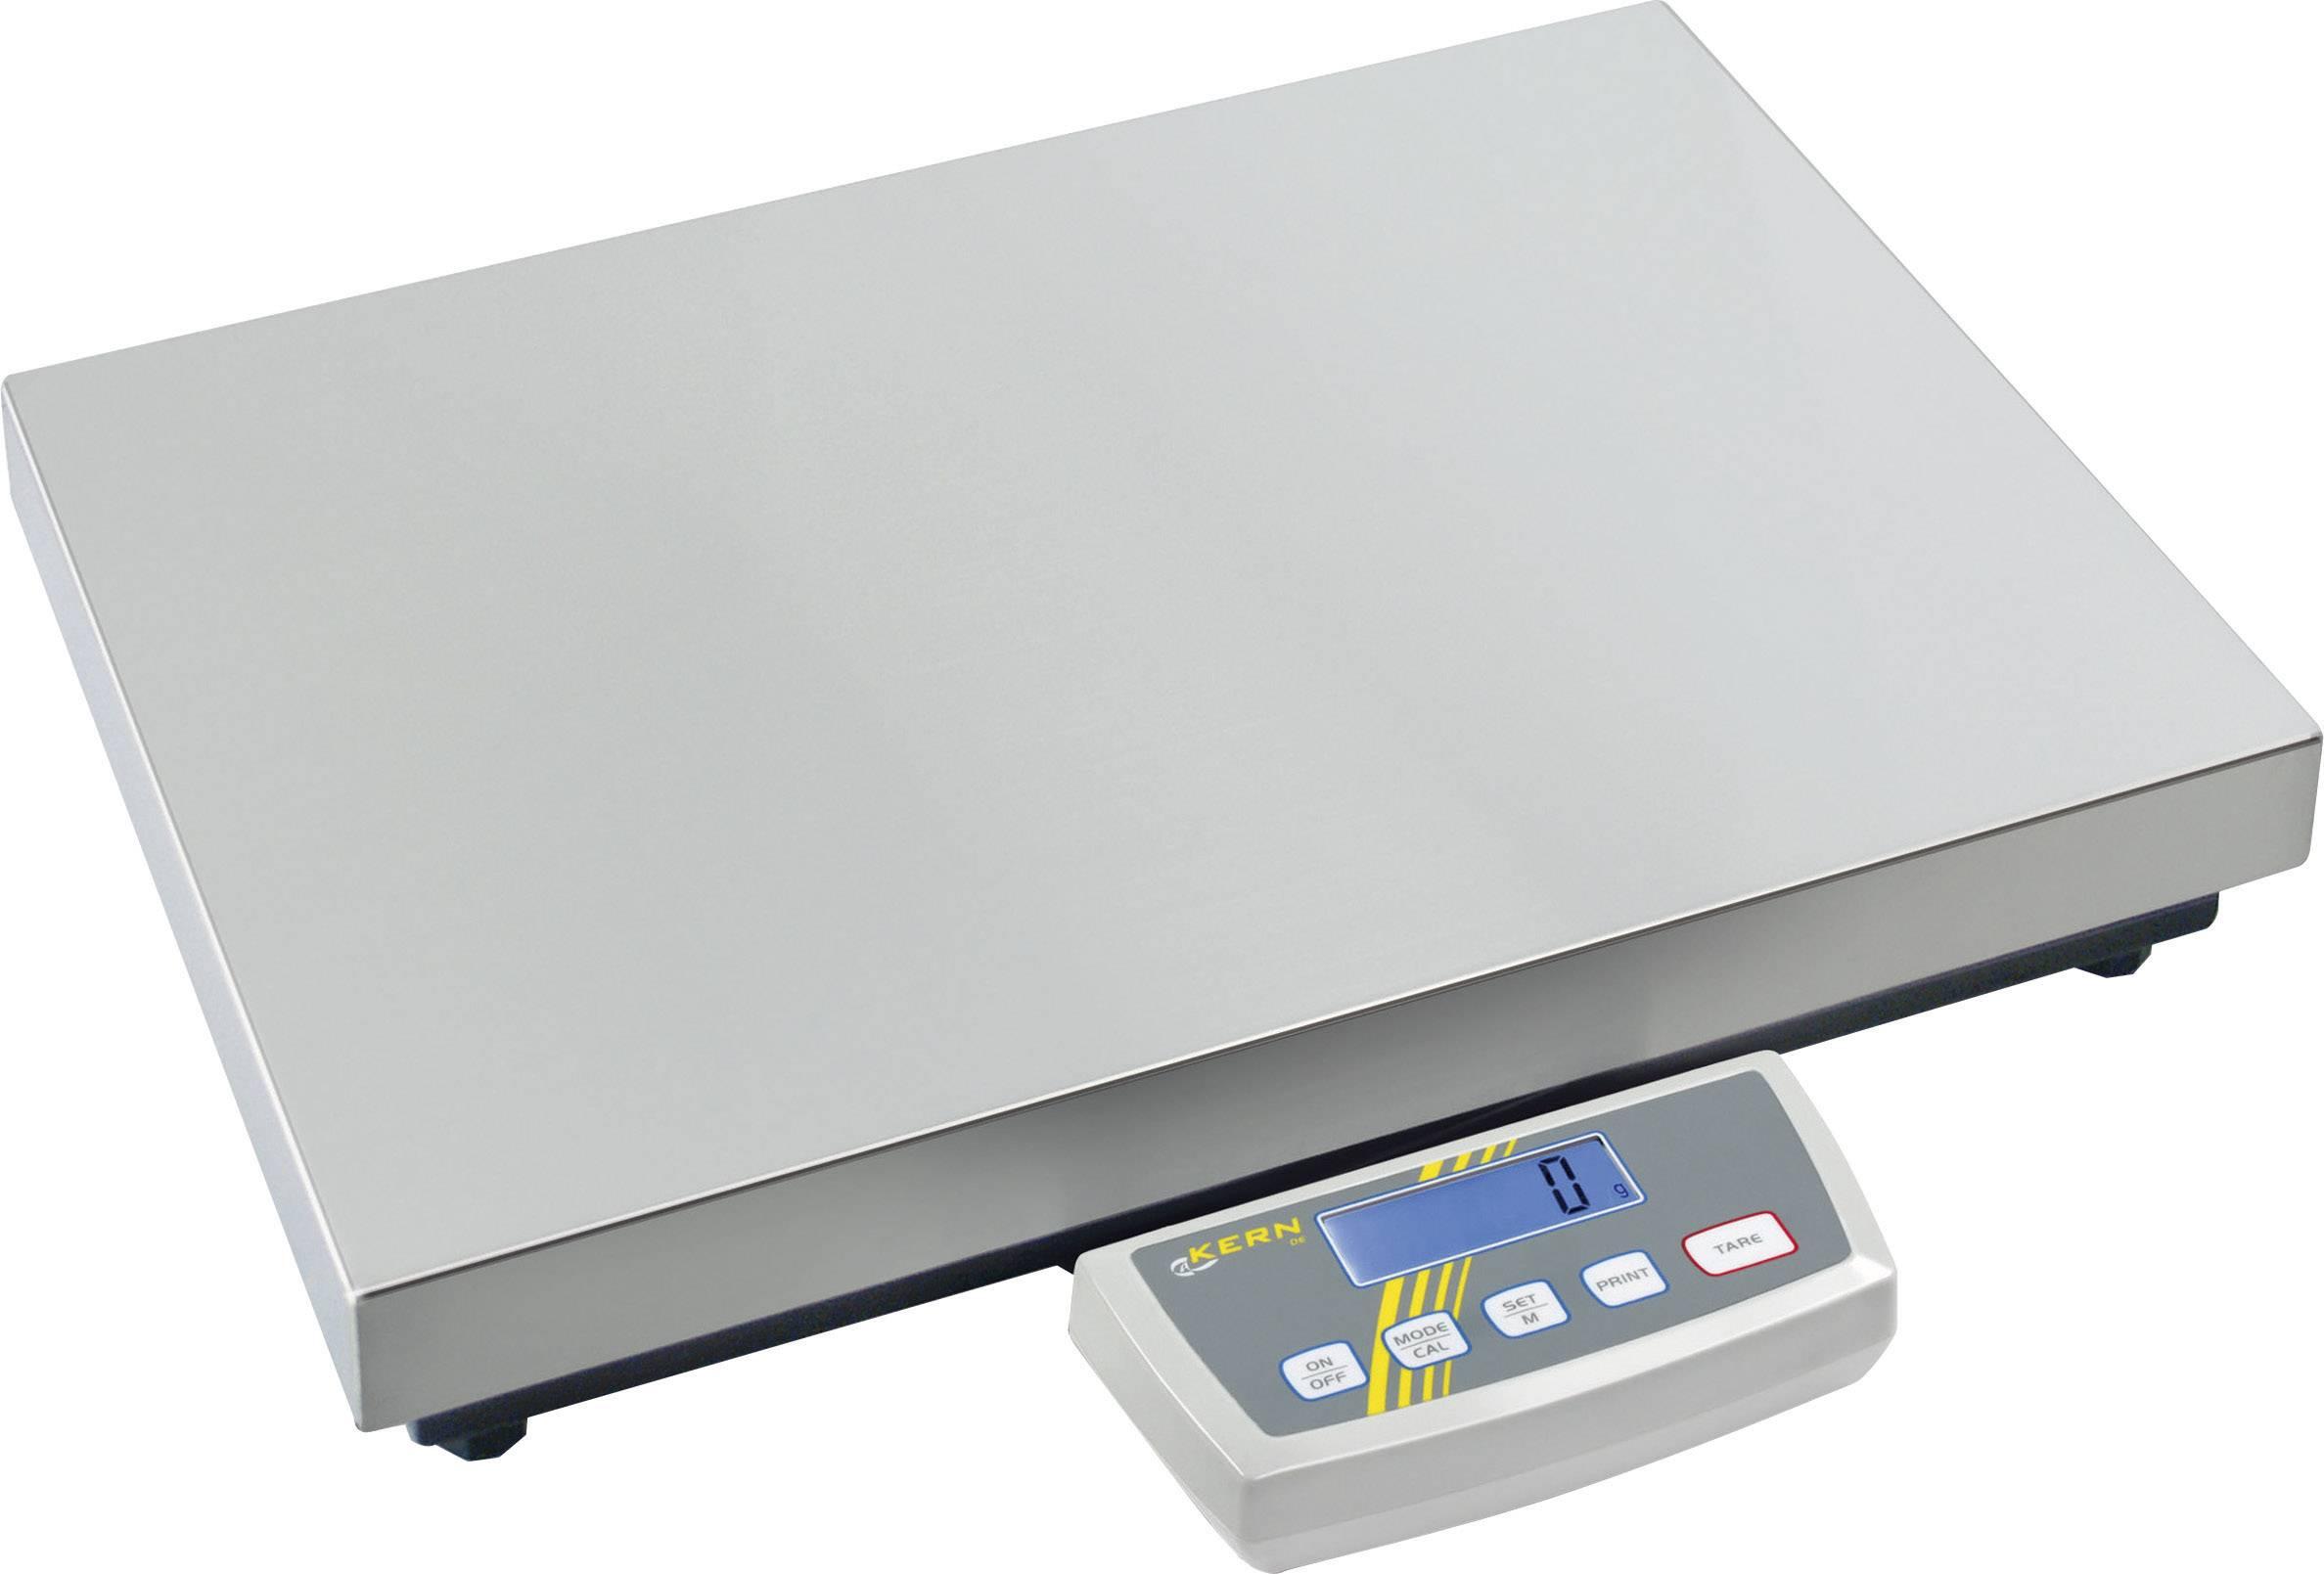 Plošinová váha Kern DE 300K5DL, presnosť 5 g, 10 g, max. váživosť 300 kg